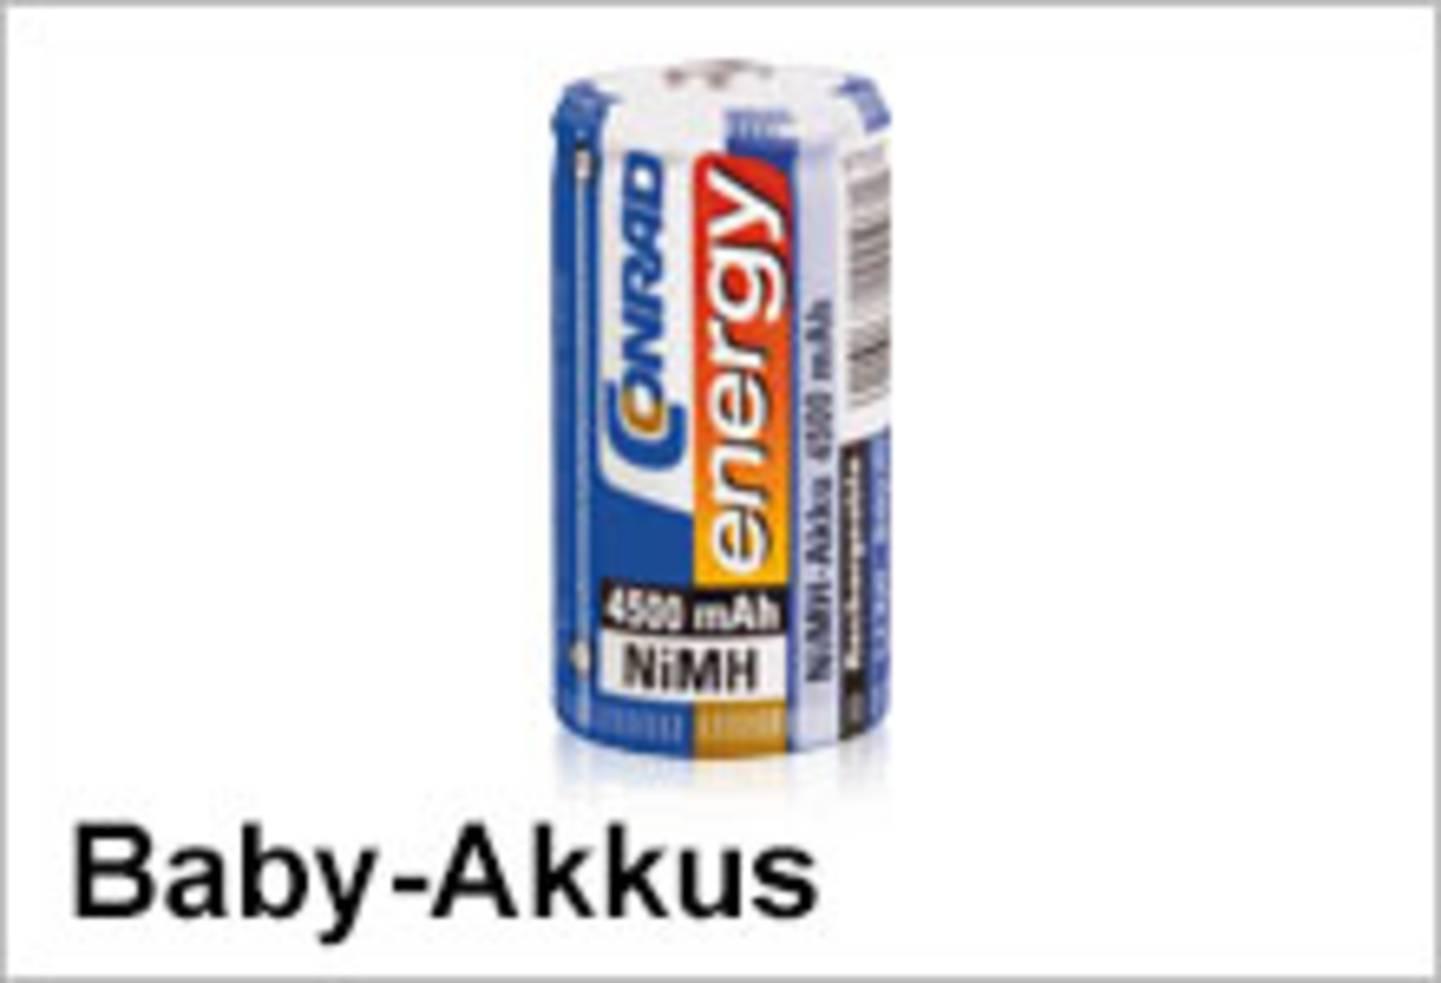 Conrad Energy Baby-Akkus